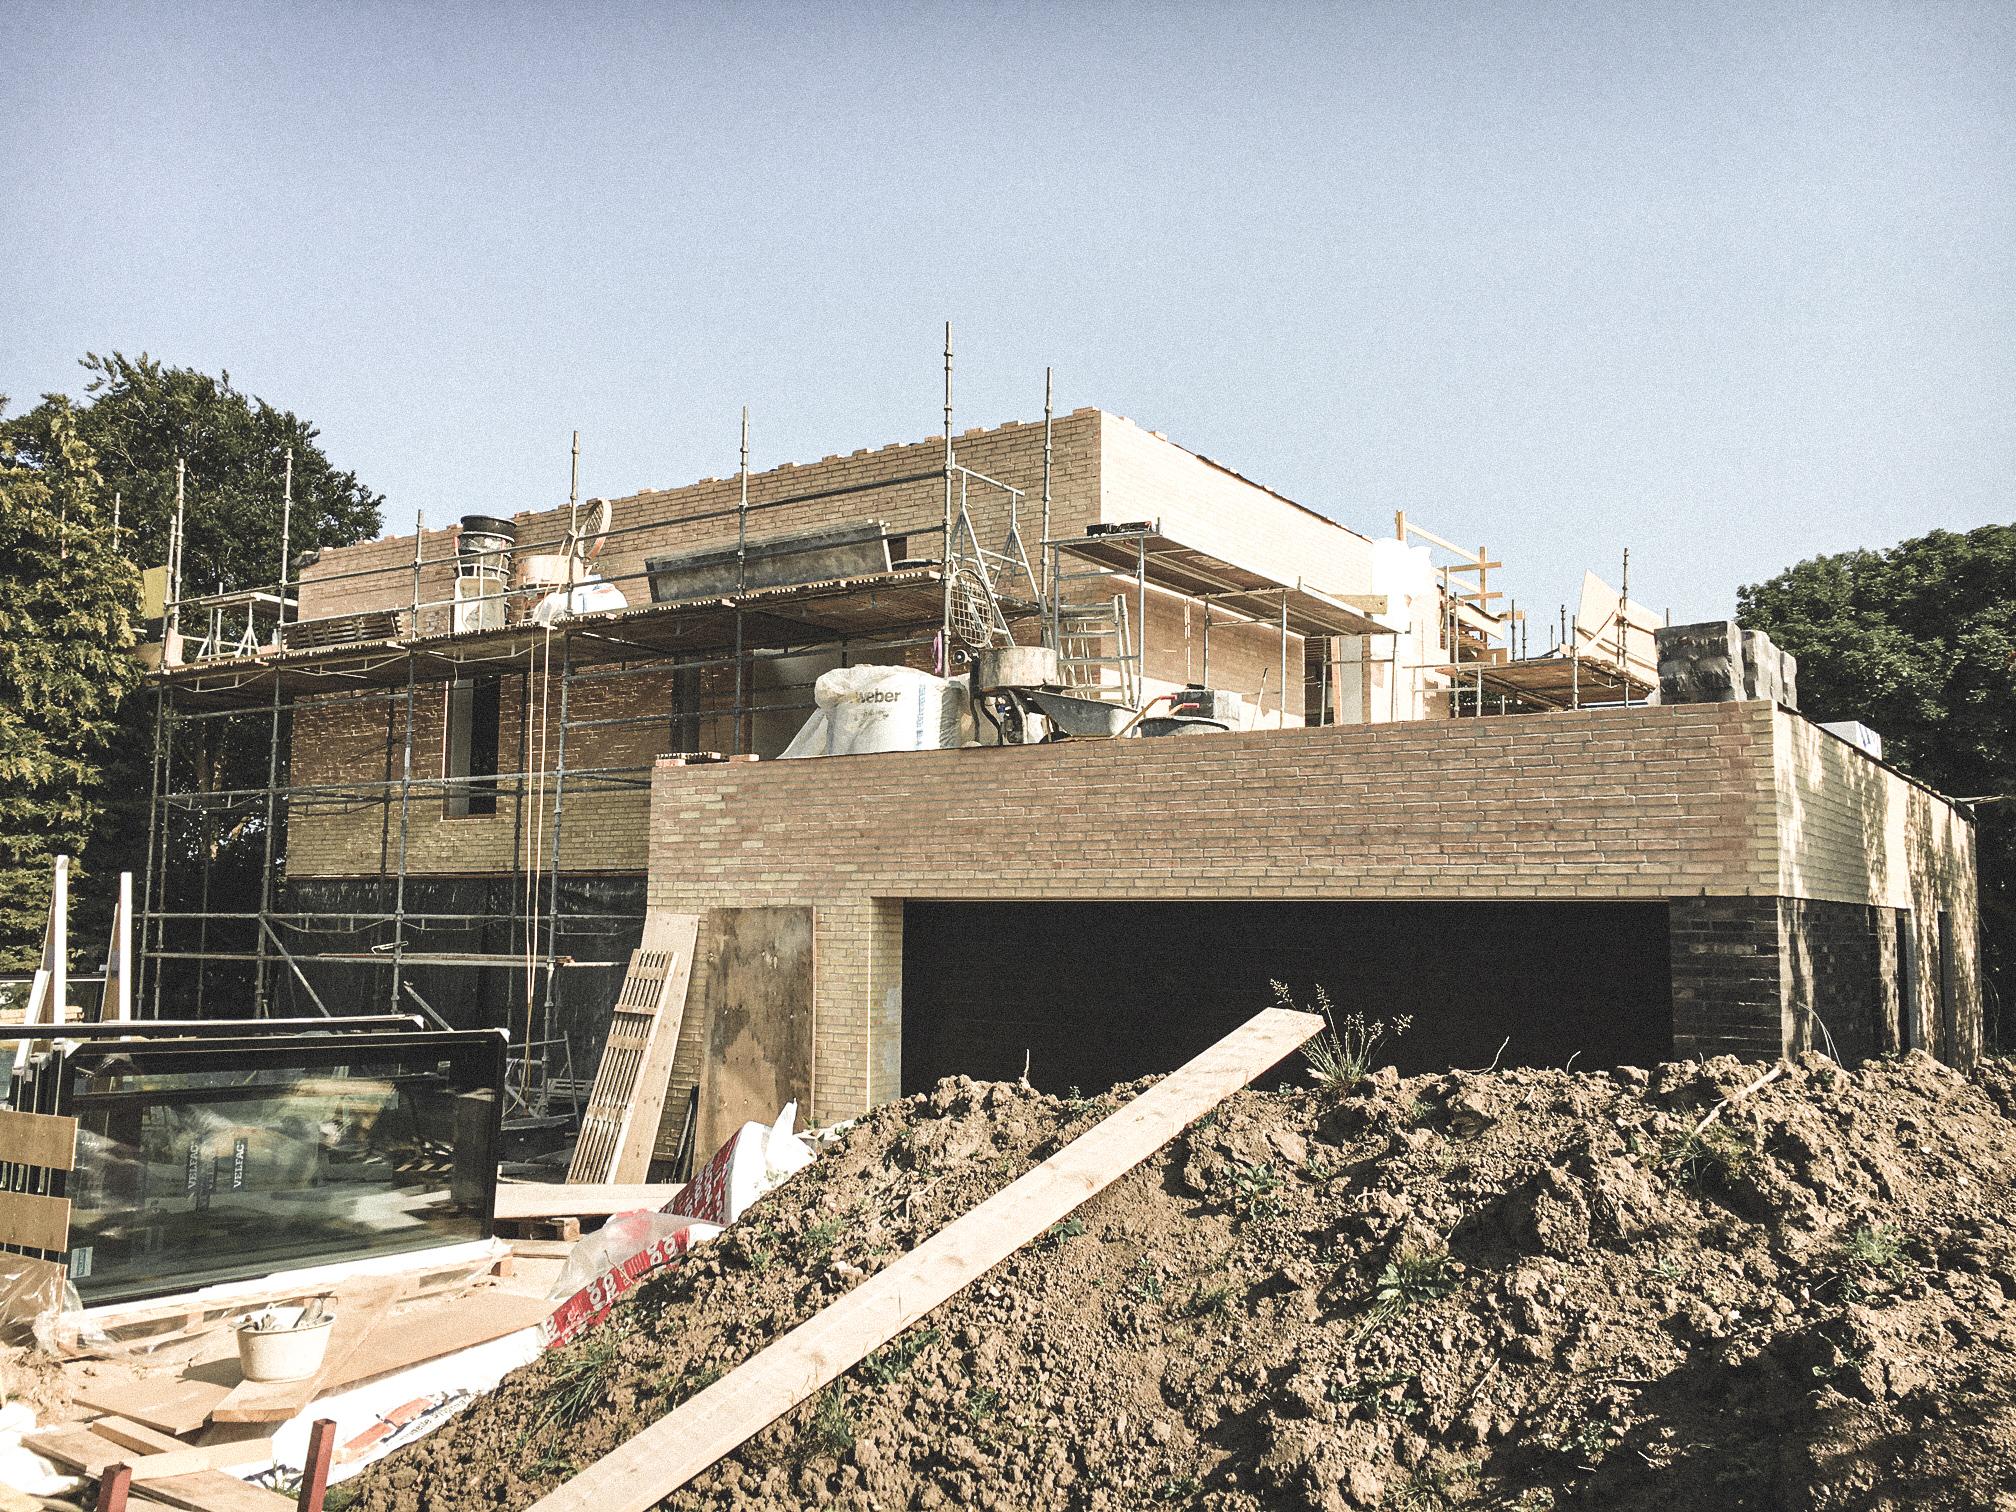 Billede af et igangværende byggeri i Villa S15, tegnet af arkitektfirmaet m2plus.